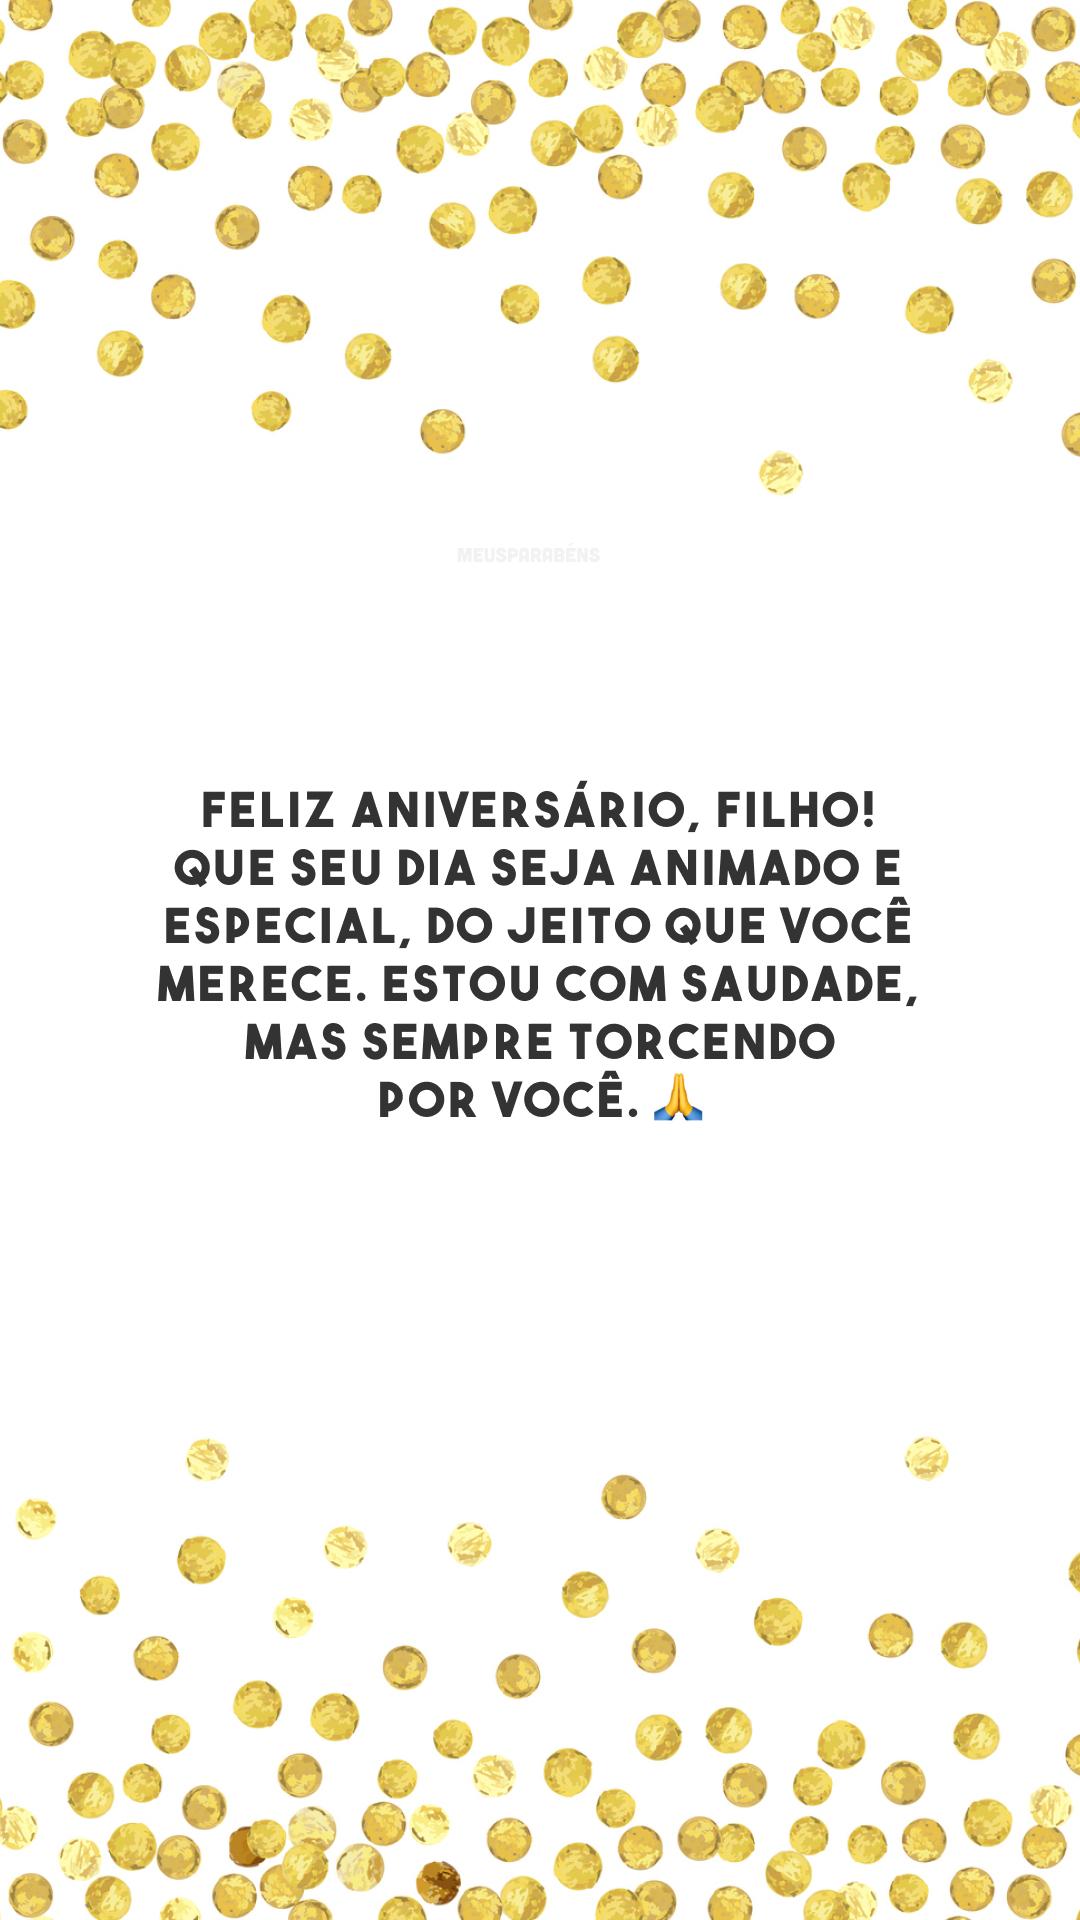 Feliz aniversário, filho! Que seu dia seja animado e especial, do jeito que você merece. Estou com saudade, mas sempre torcendo por você. 🙏